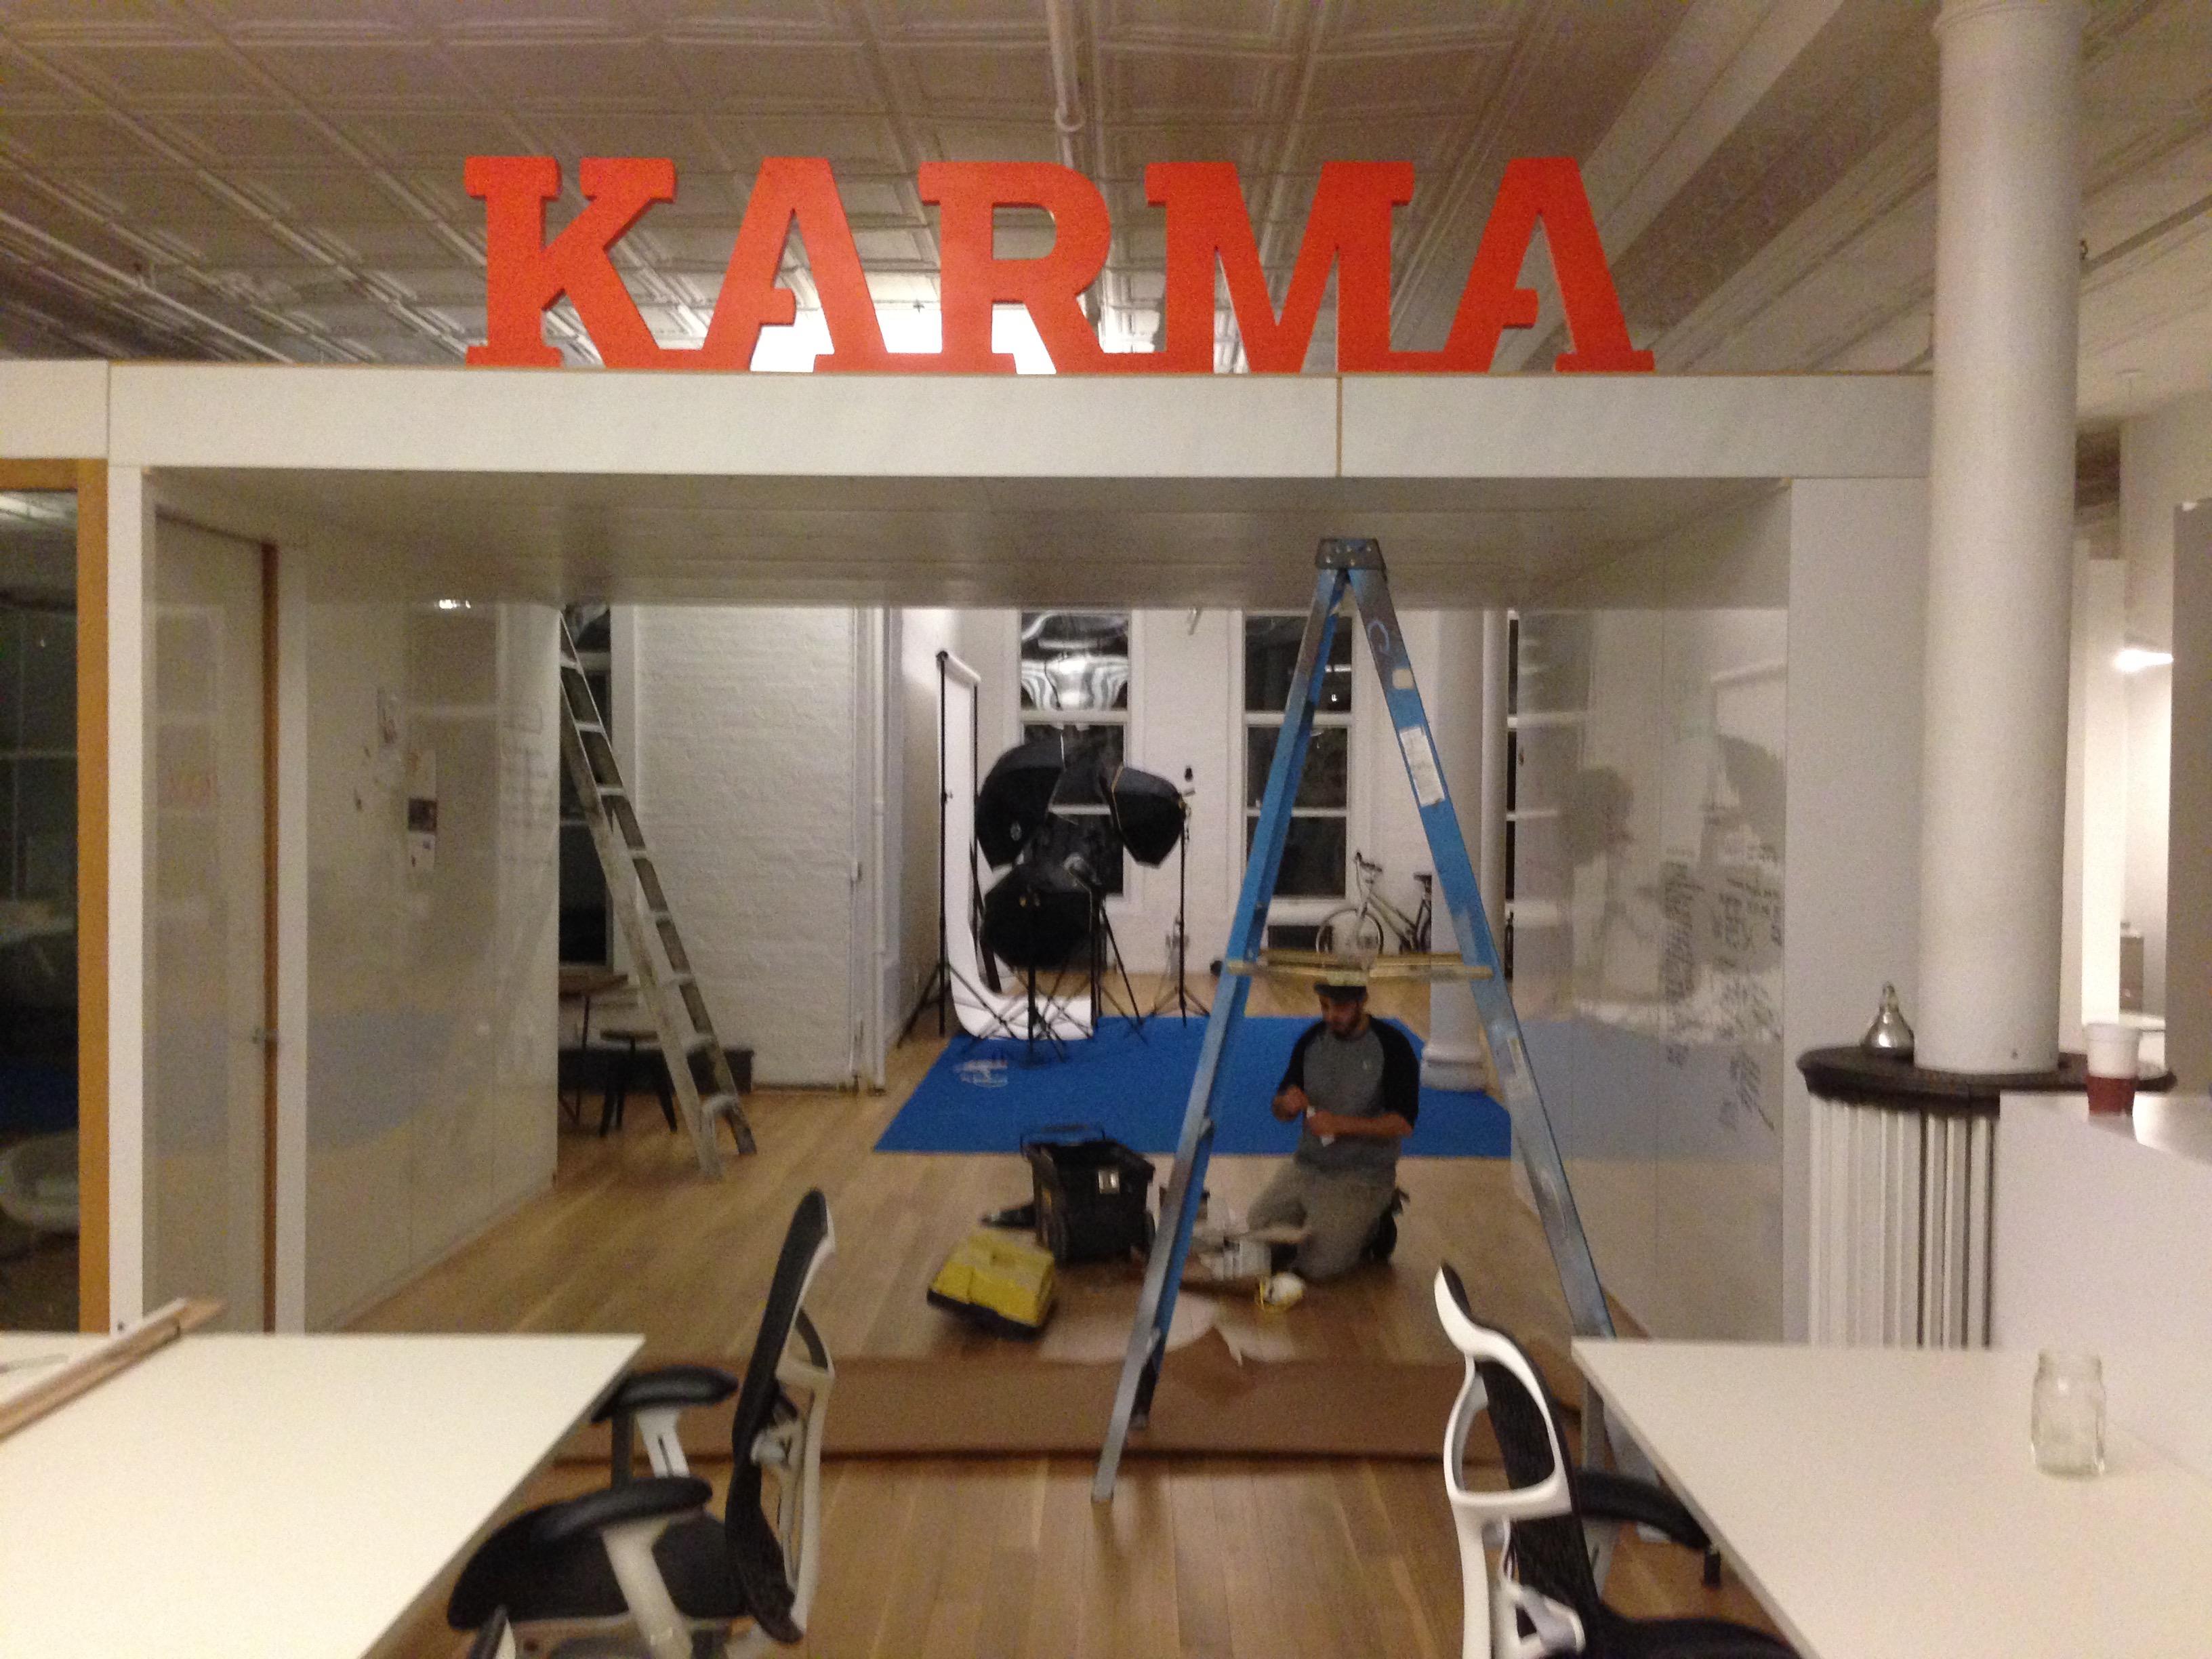 karma_wifi_2